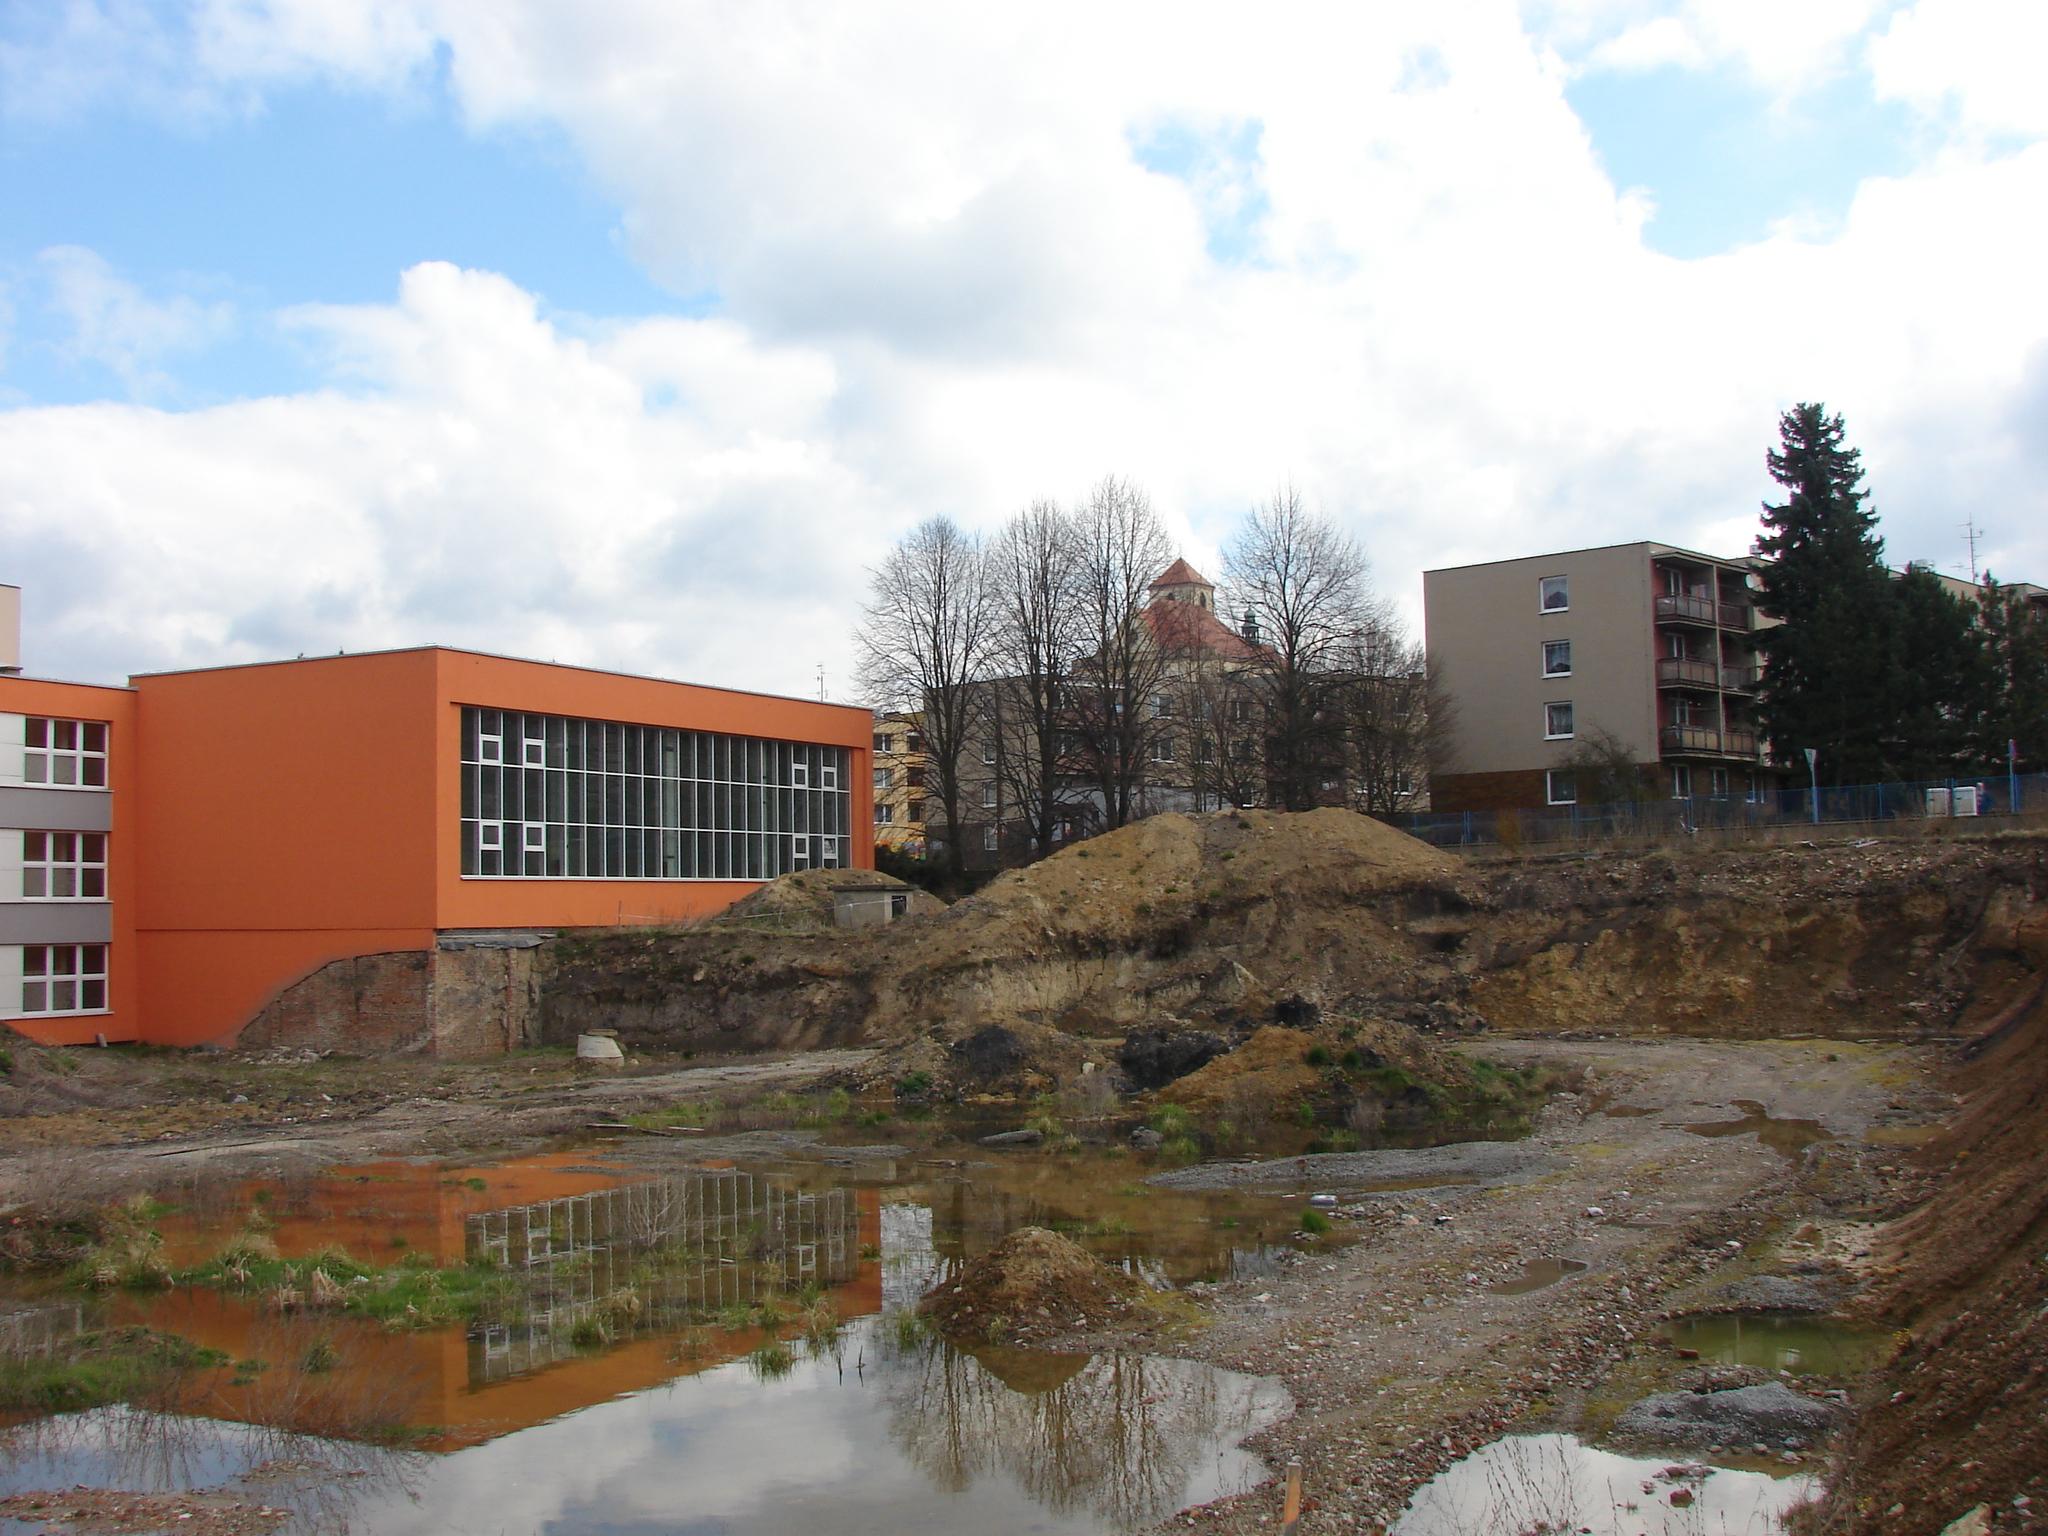 Započatá a nedokončená stavba haly na Slovákově ulici, kde dnes stojí Centrum polytechnické výchovy, tvoří v doposud vynaložených nákladech největší část